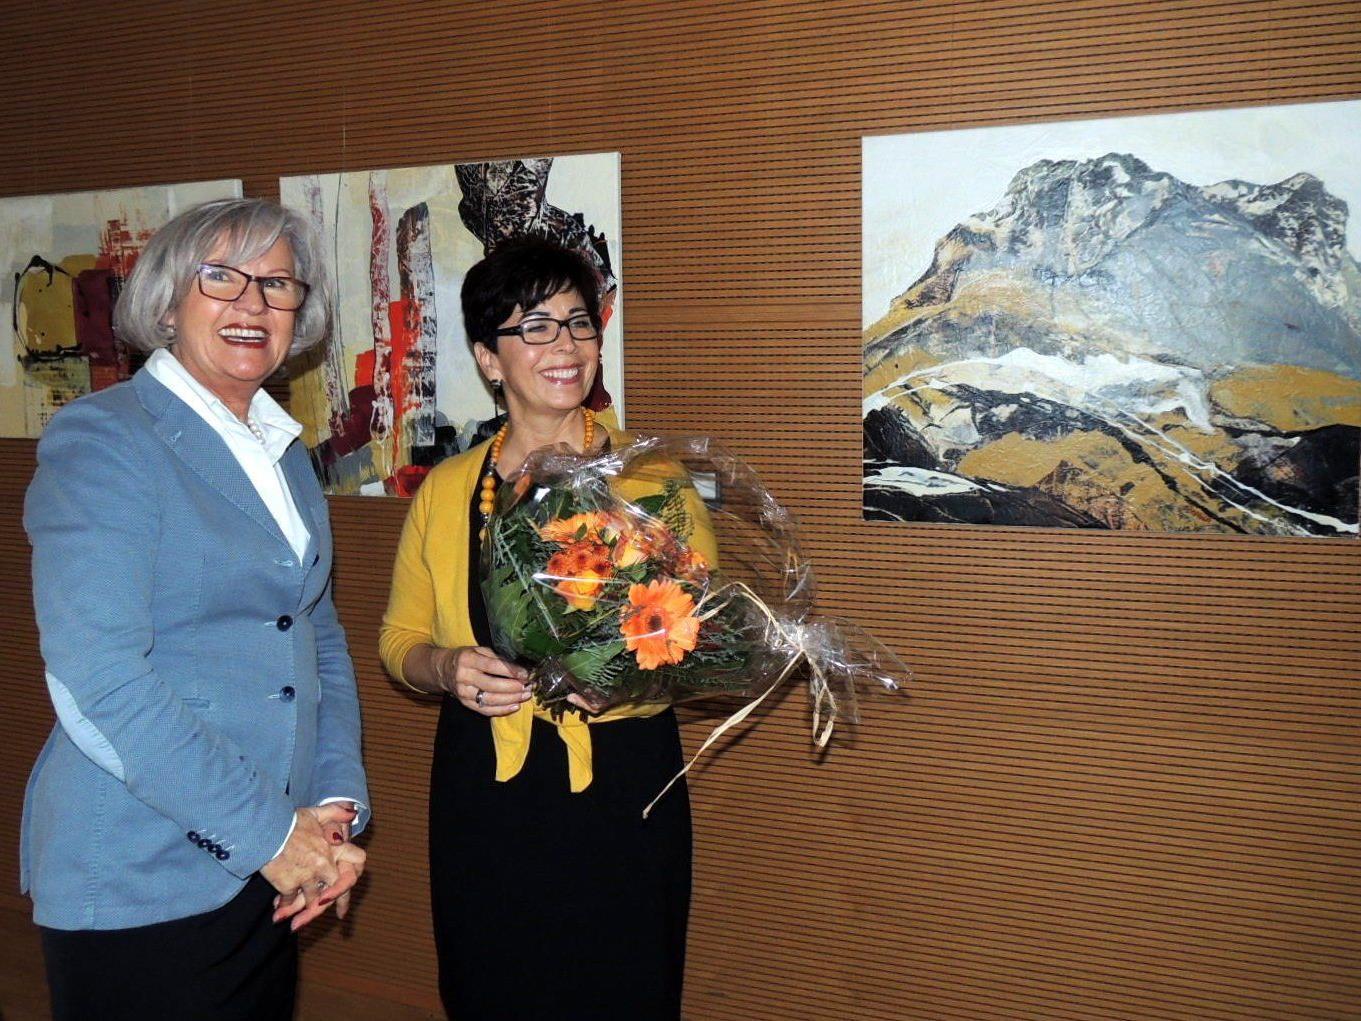 Stadträtin Elisabeth Mathis eröffnete die Ausstellung von PanArt-Künstlerin Erika Barriga